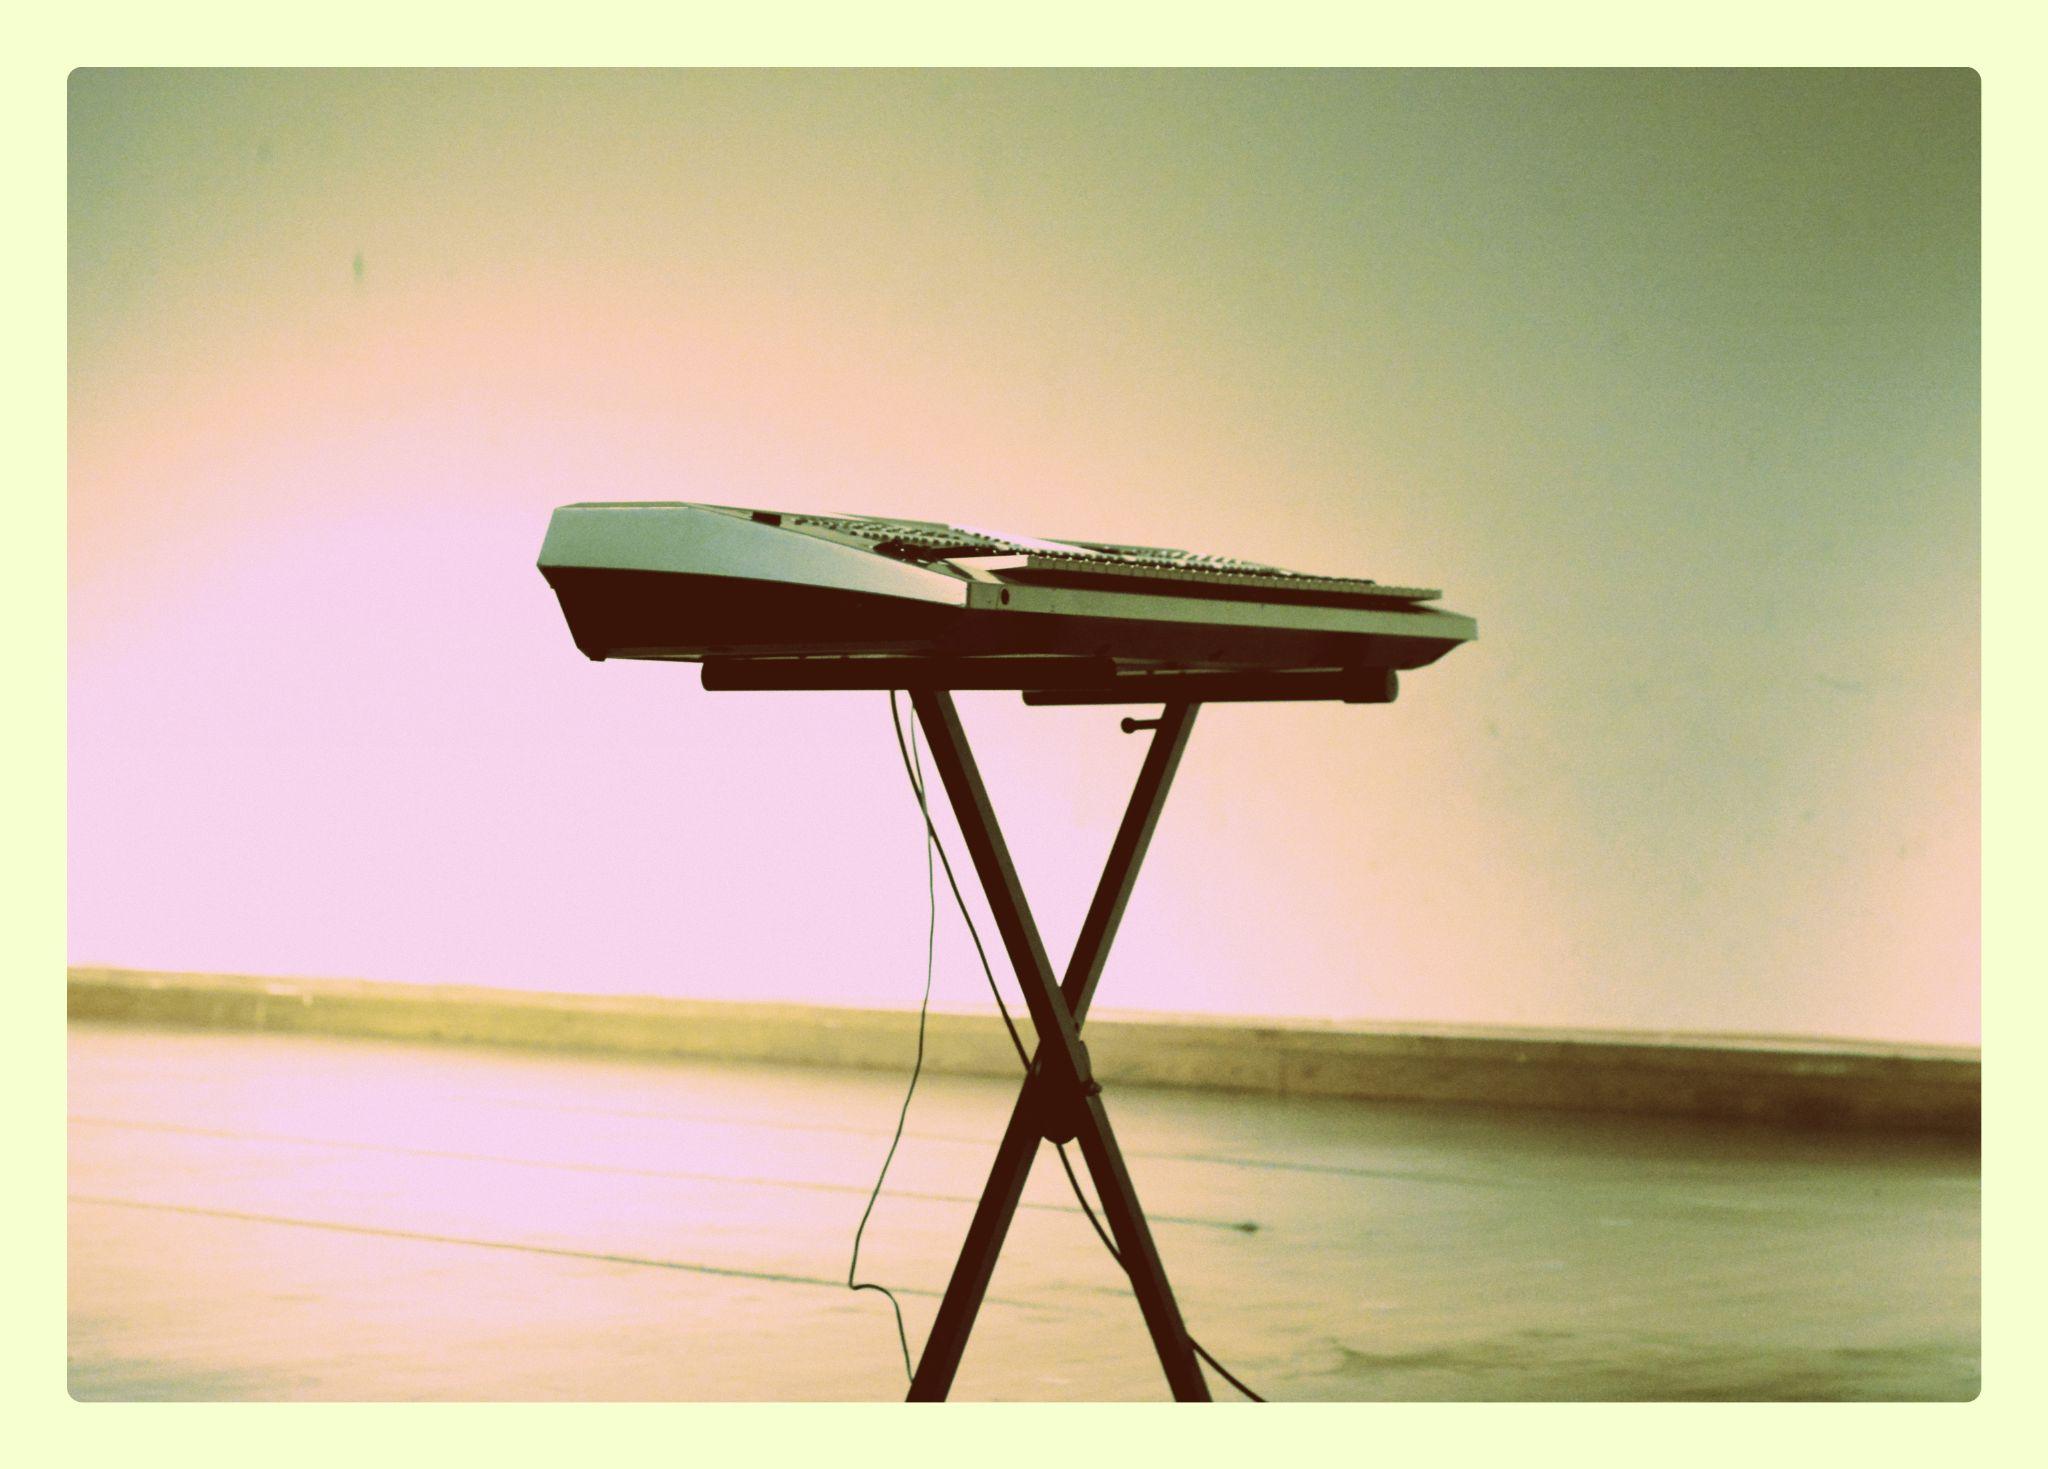 Piano(2) by Kevin Tony